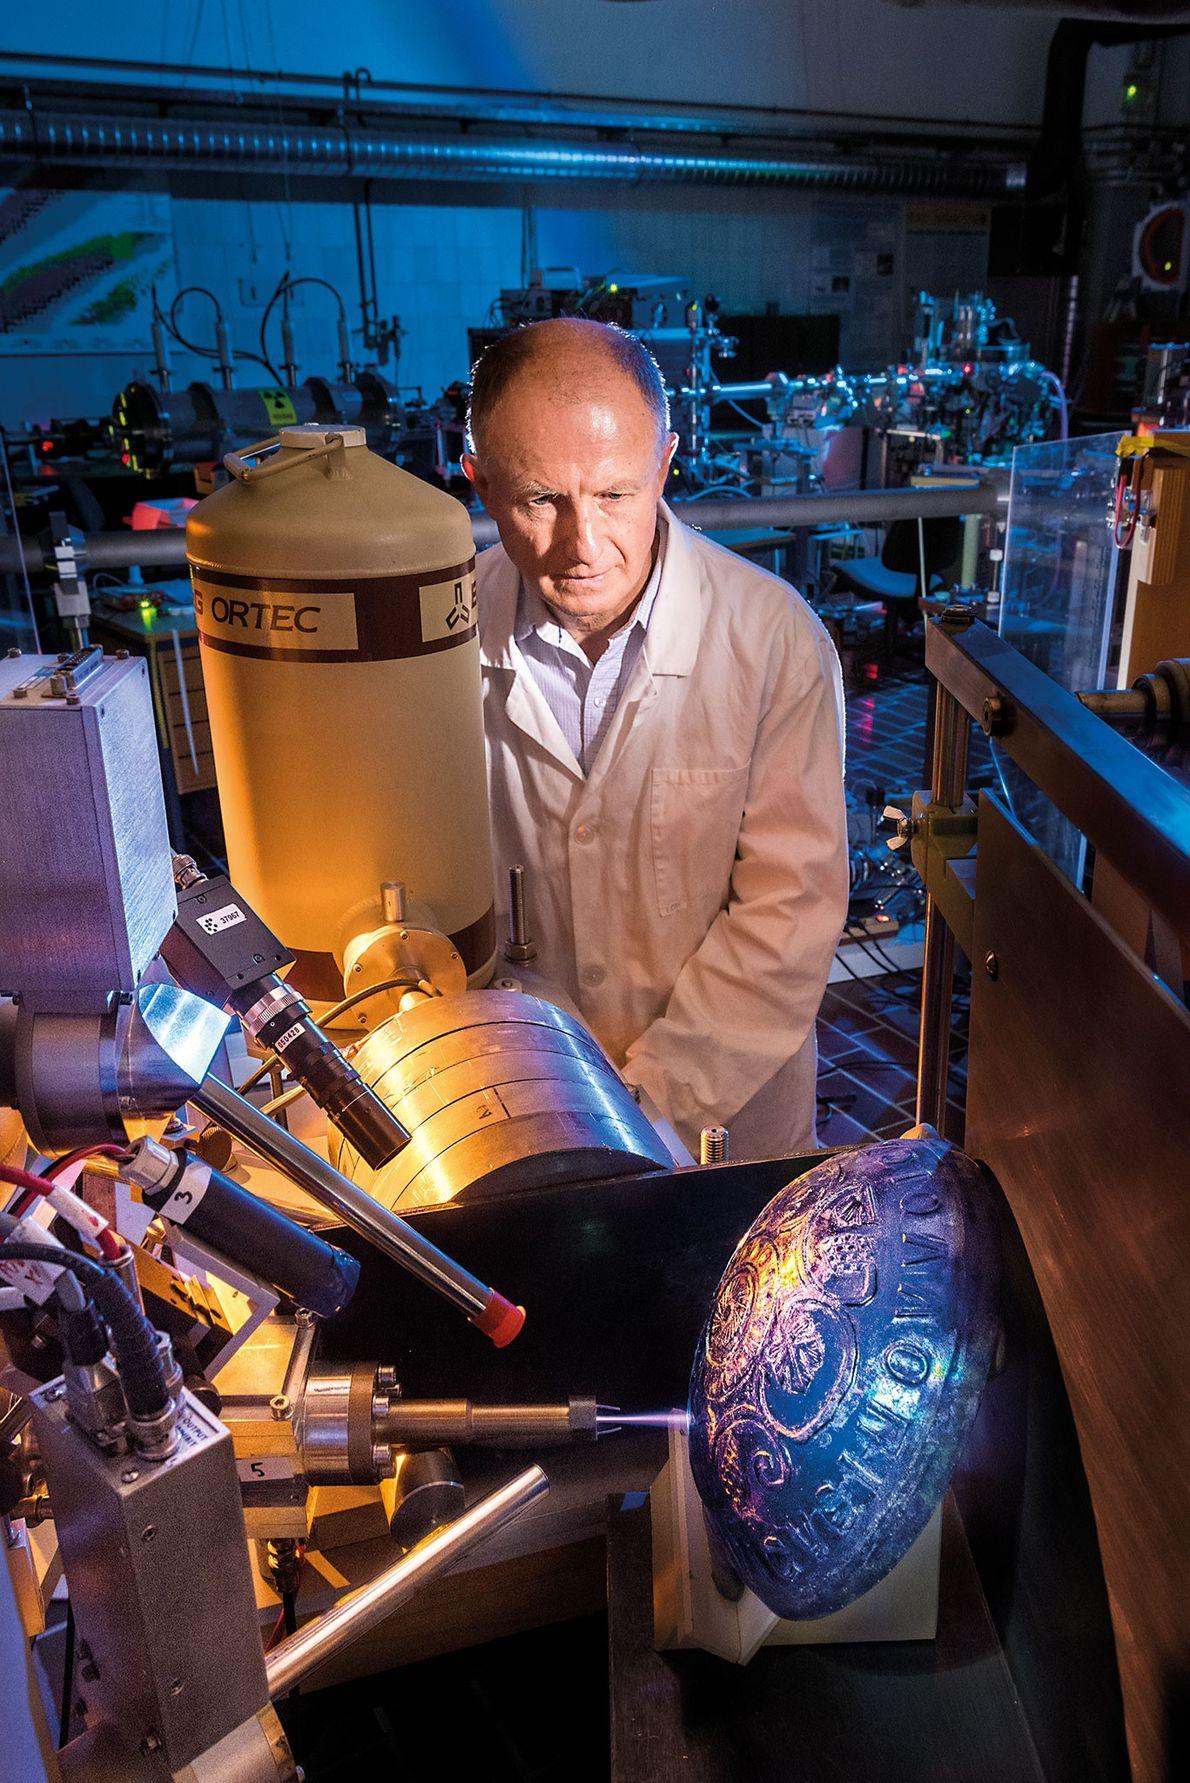 El Dr. Žiga Šmit se encuentra junto a un acelerador lineal que puede analizar la composición ...